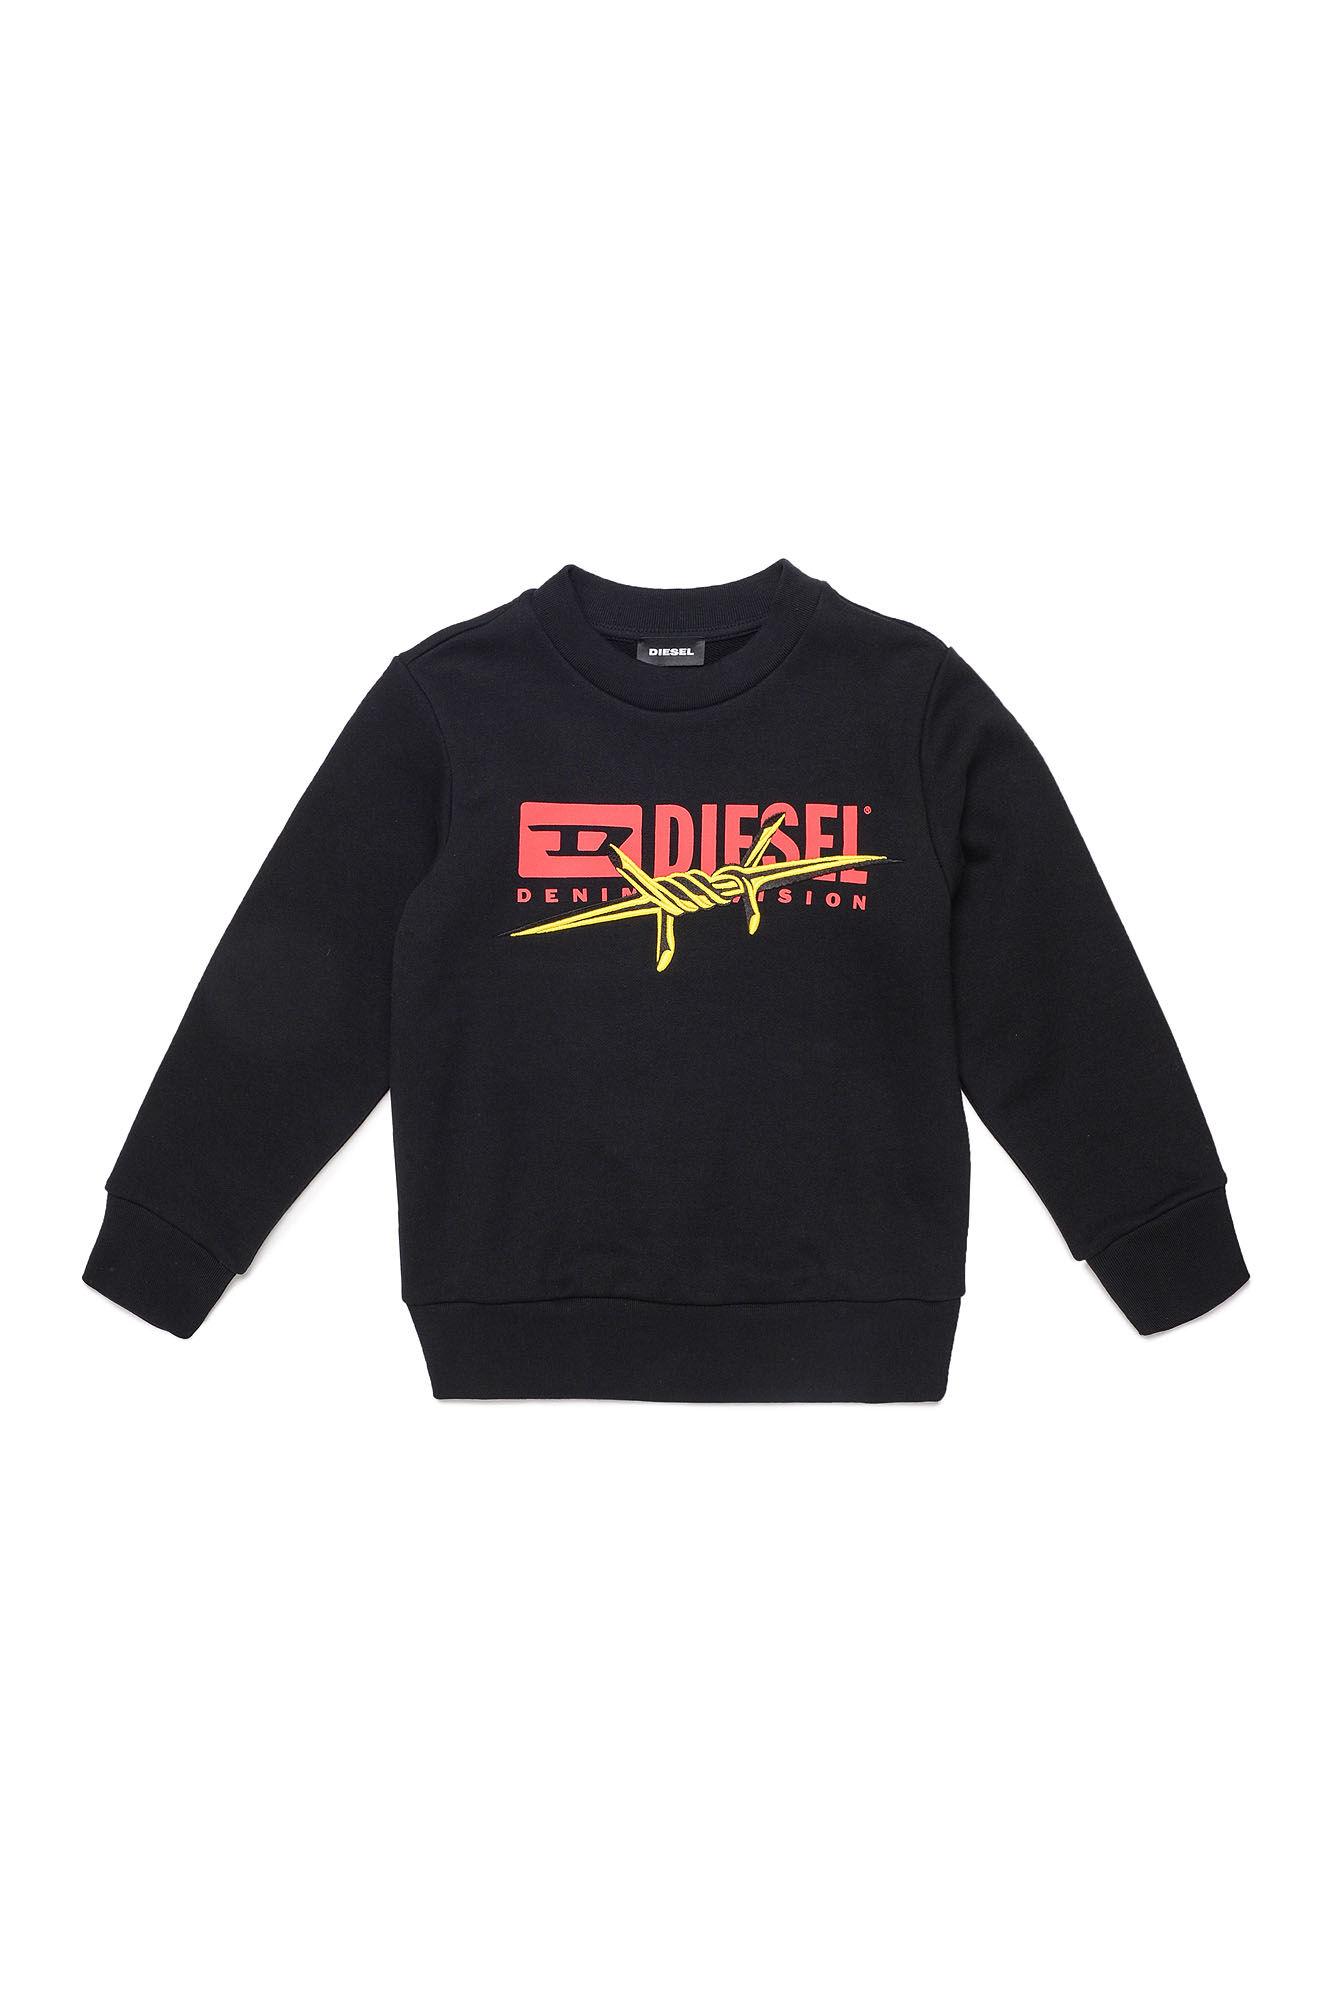 Sbaybx5 Sweatshirt - Diesel Kid